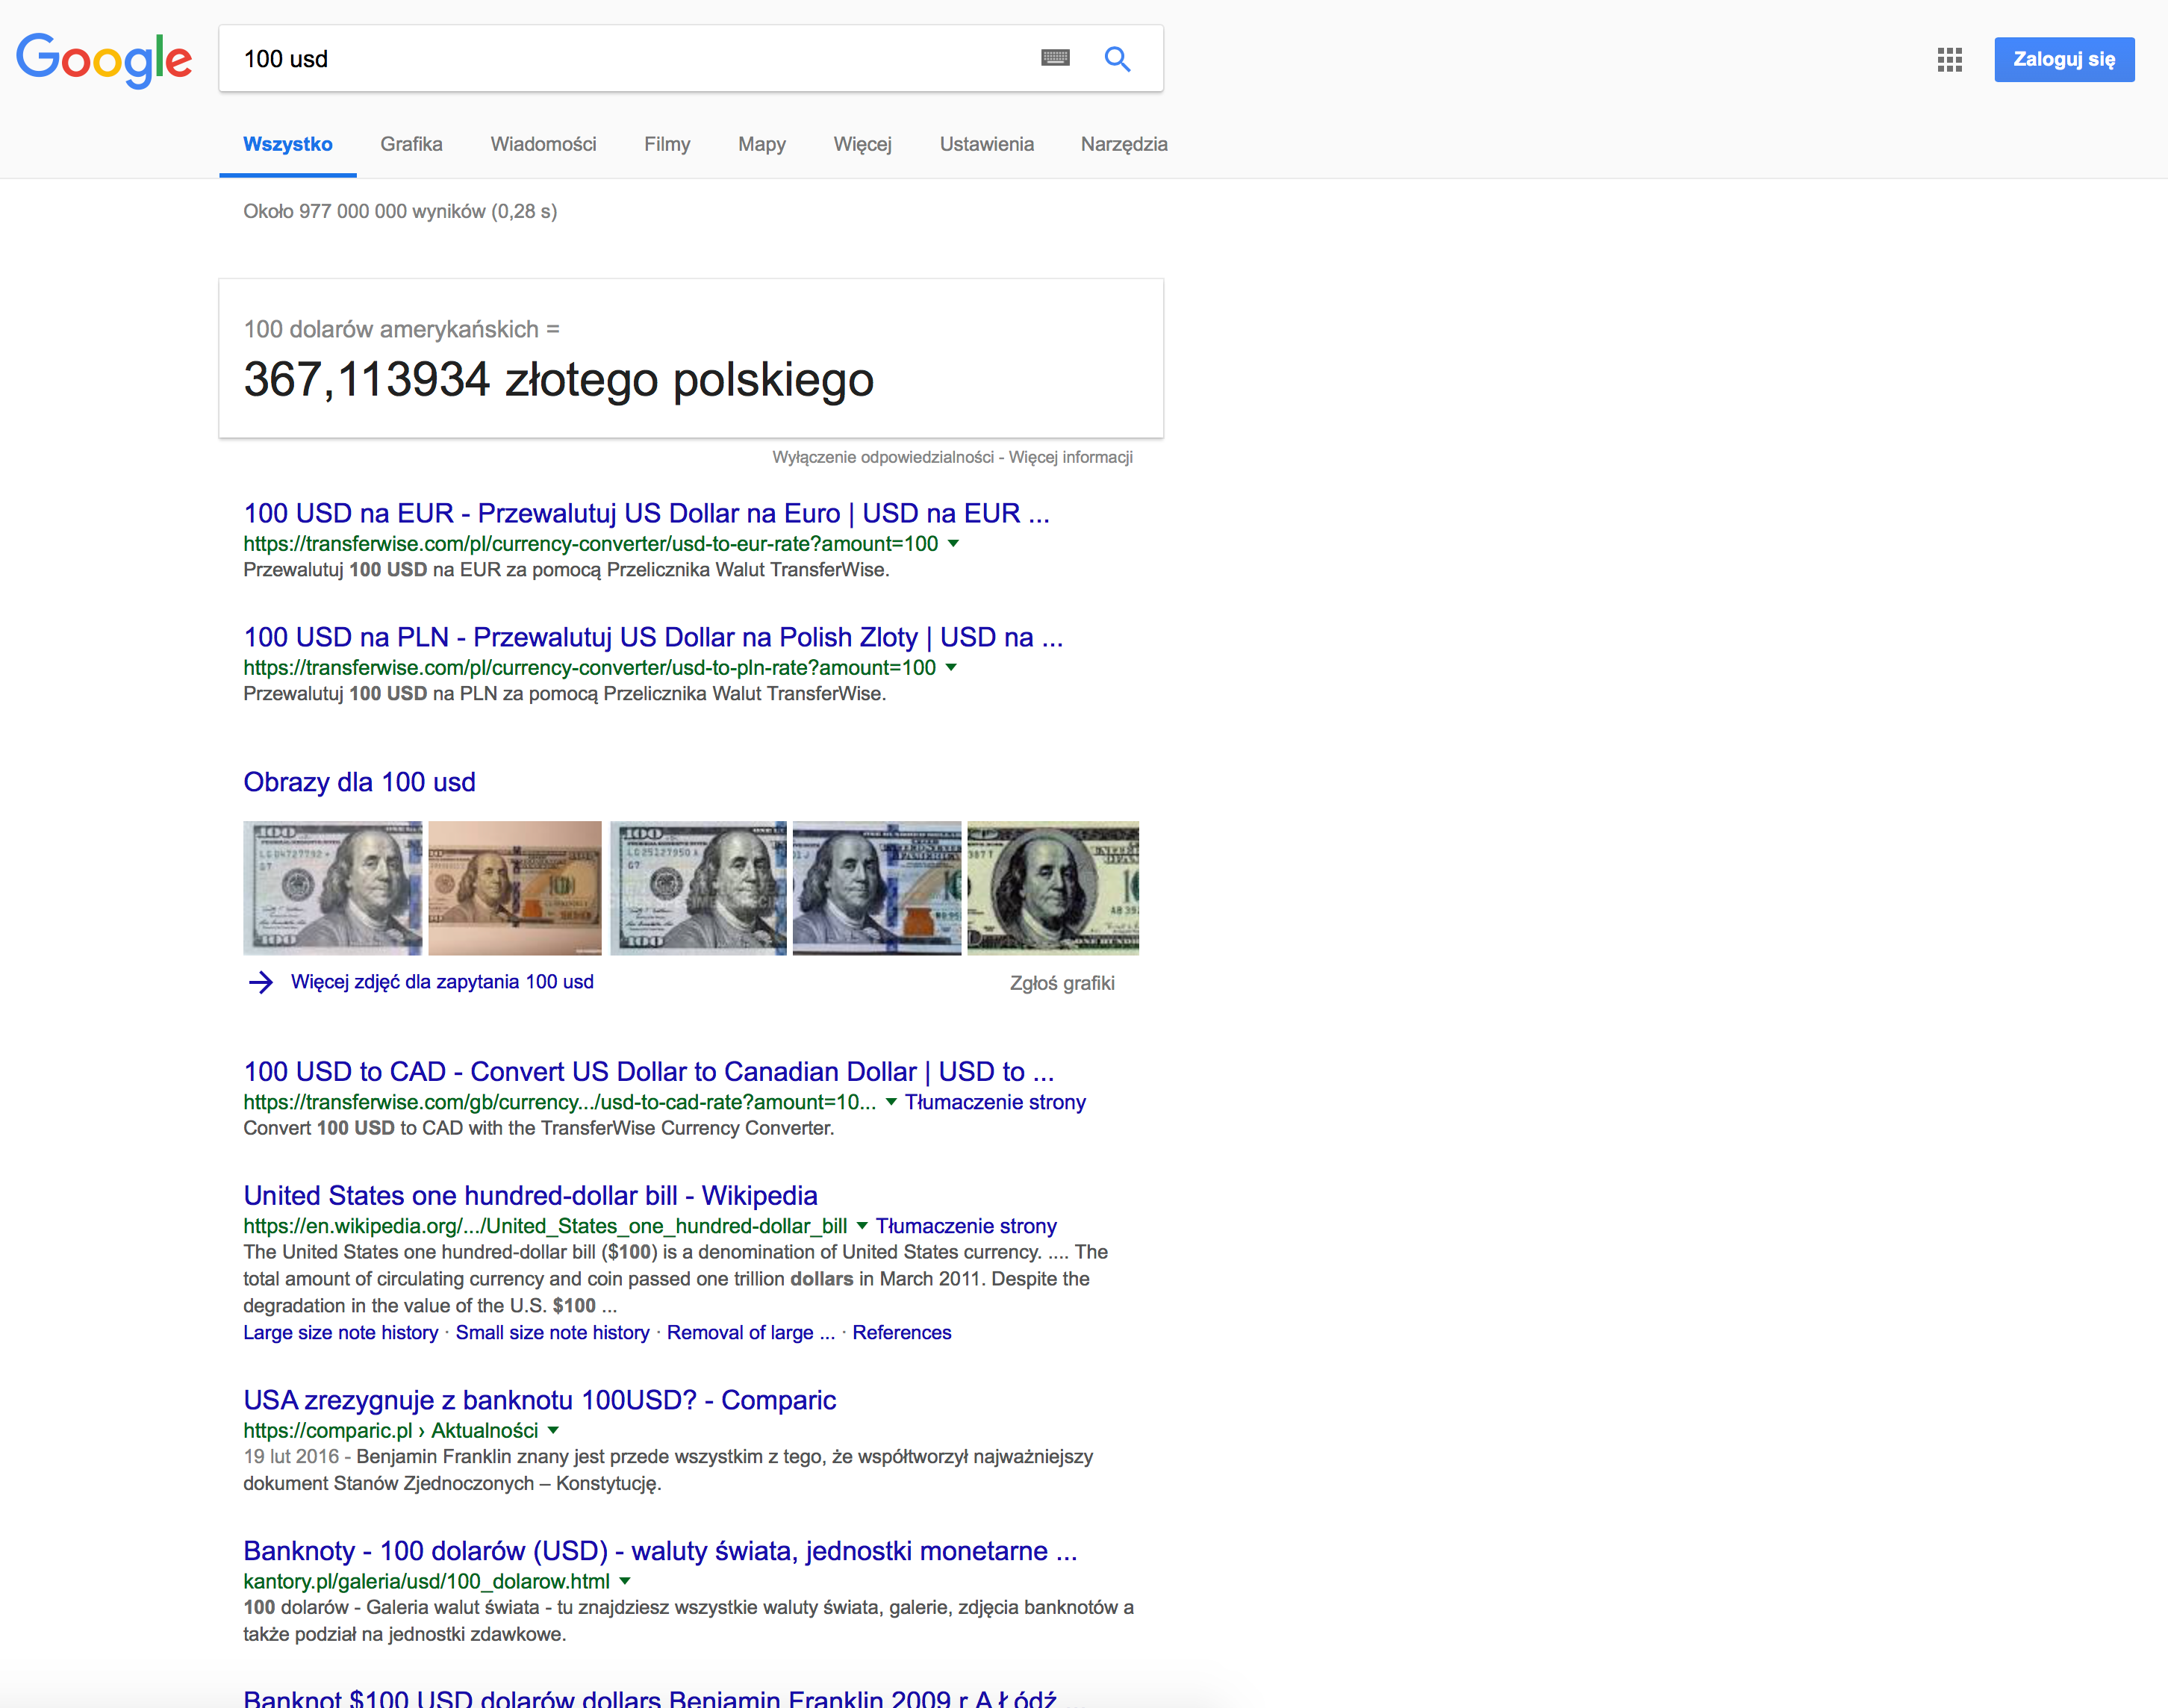 Alternatywa dla wyszukiwarki Google: DuckDuckGo, Bing i Yahoo - test